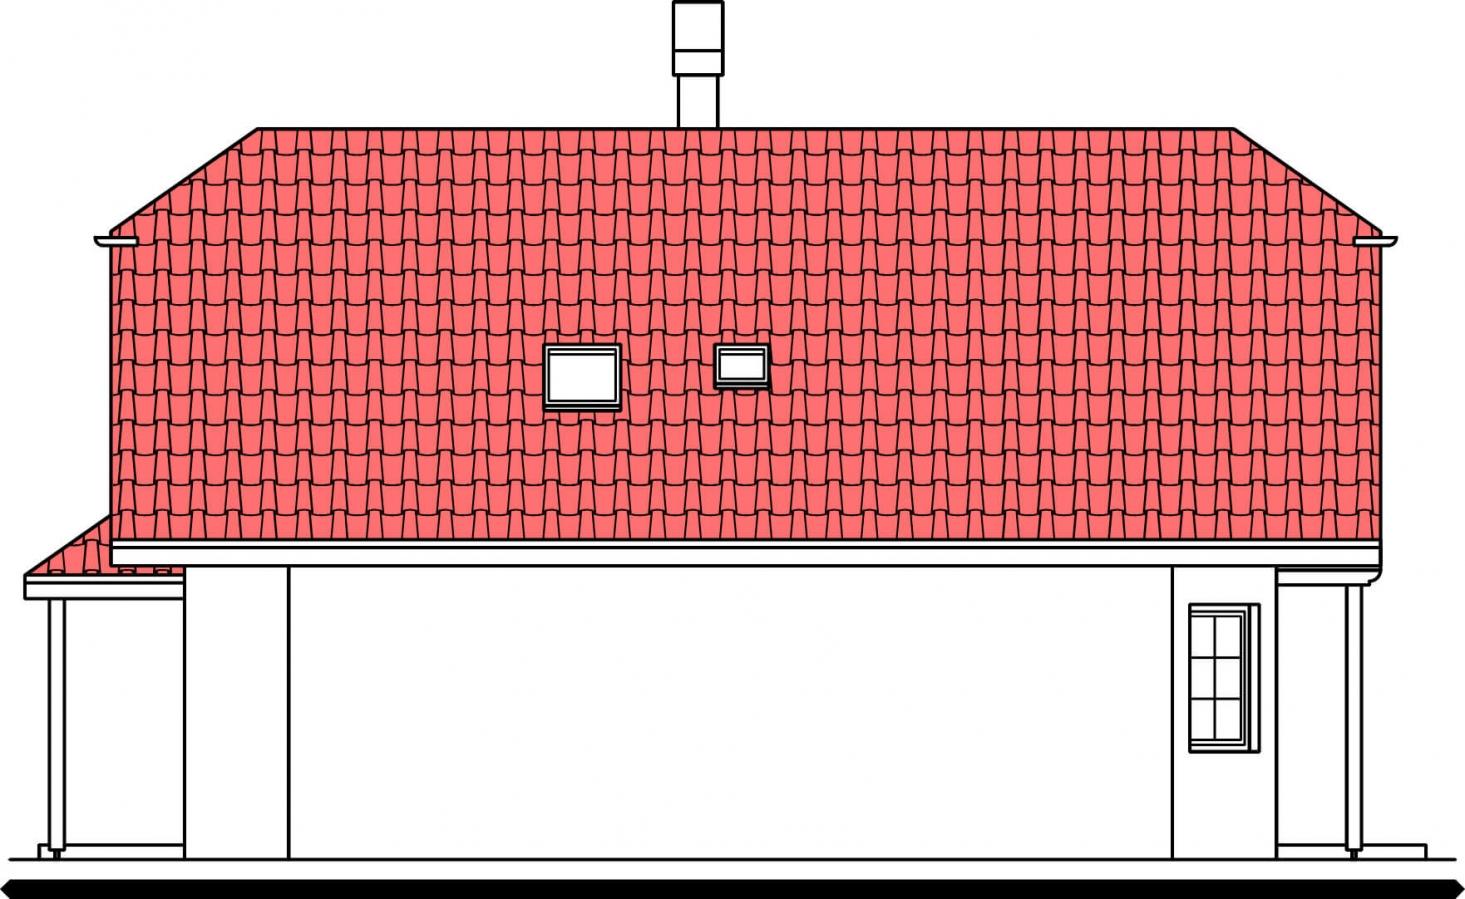 Pohľad 2. - Klasický rodinný dom so suterénom a izbou na prízemí.